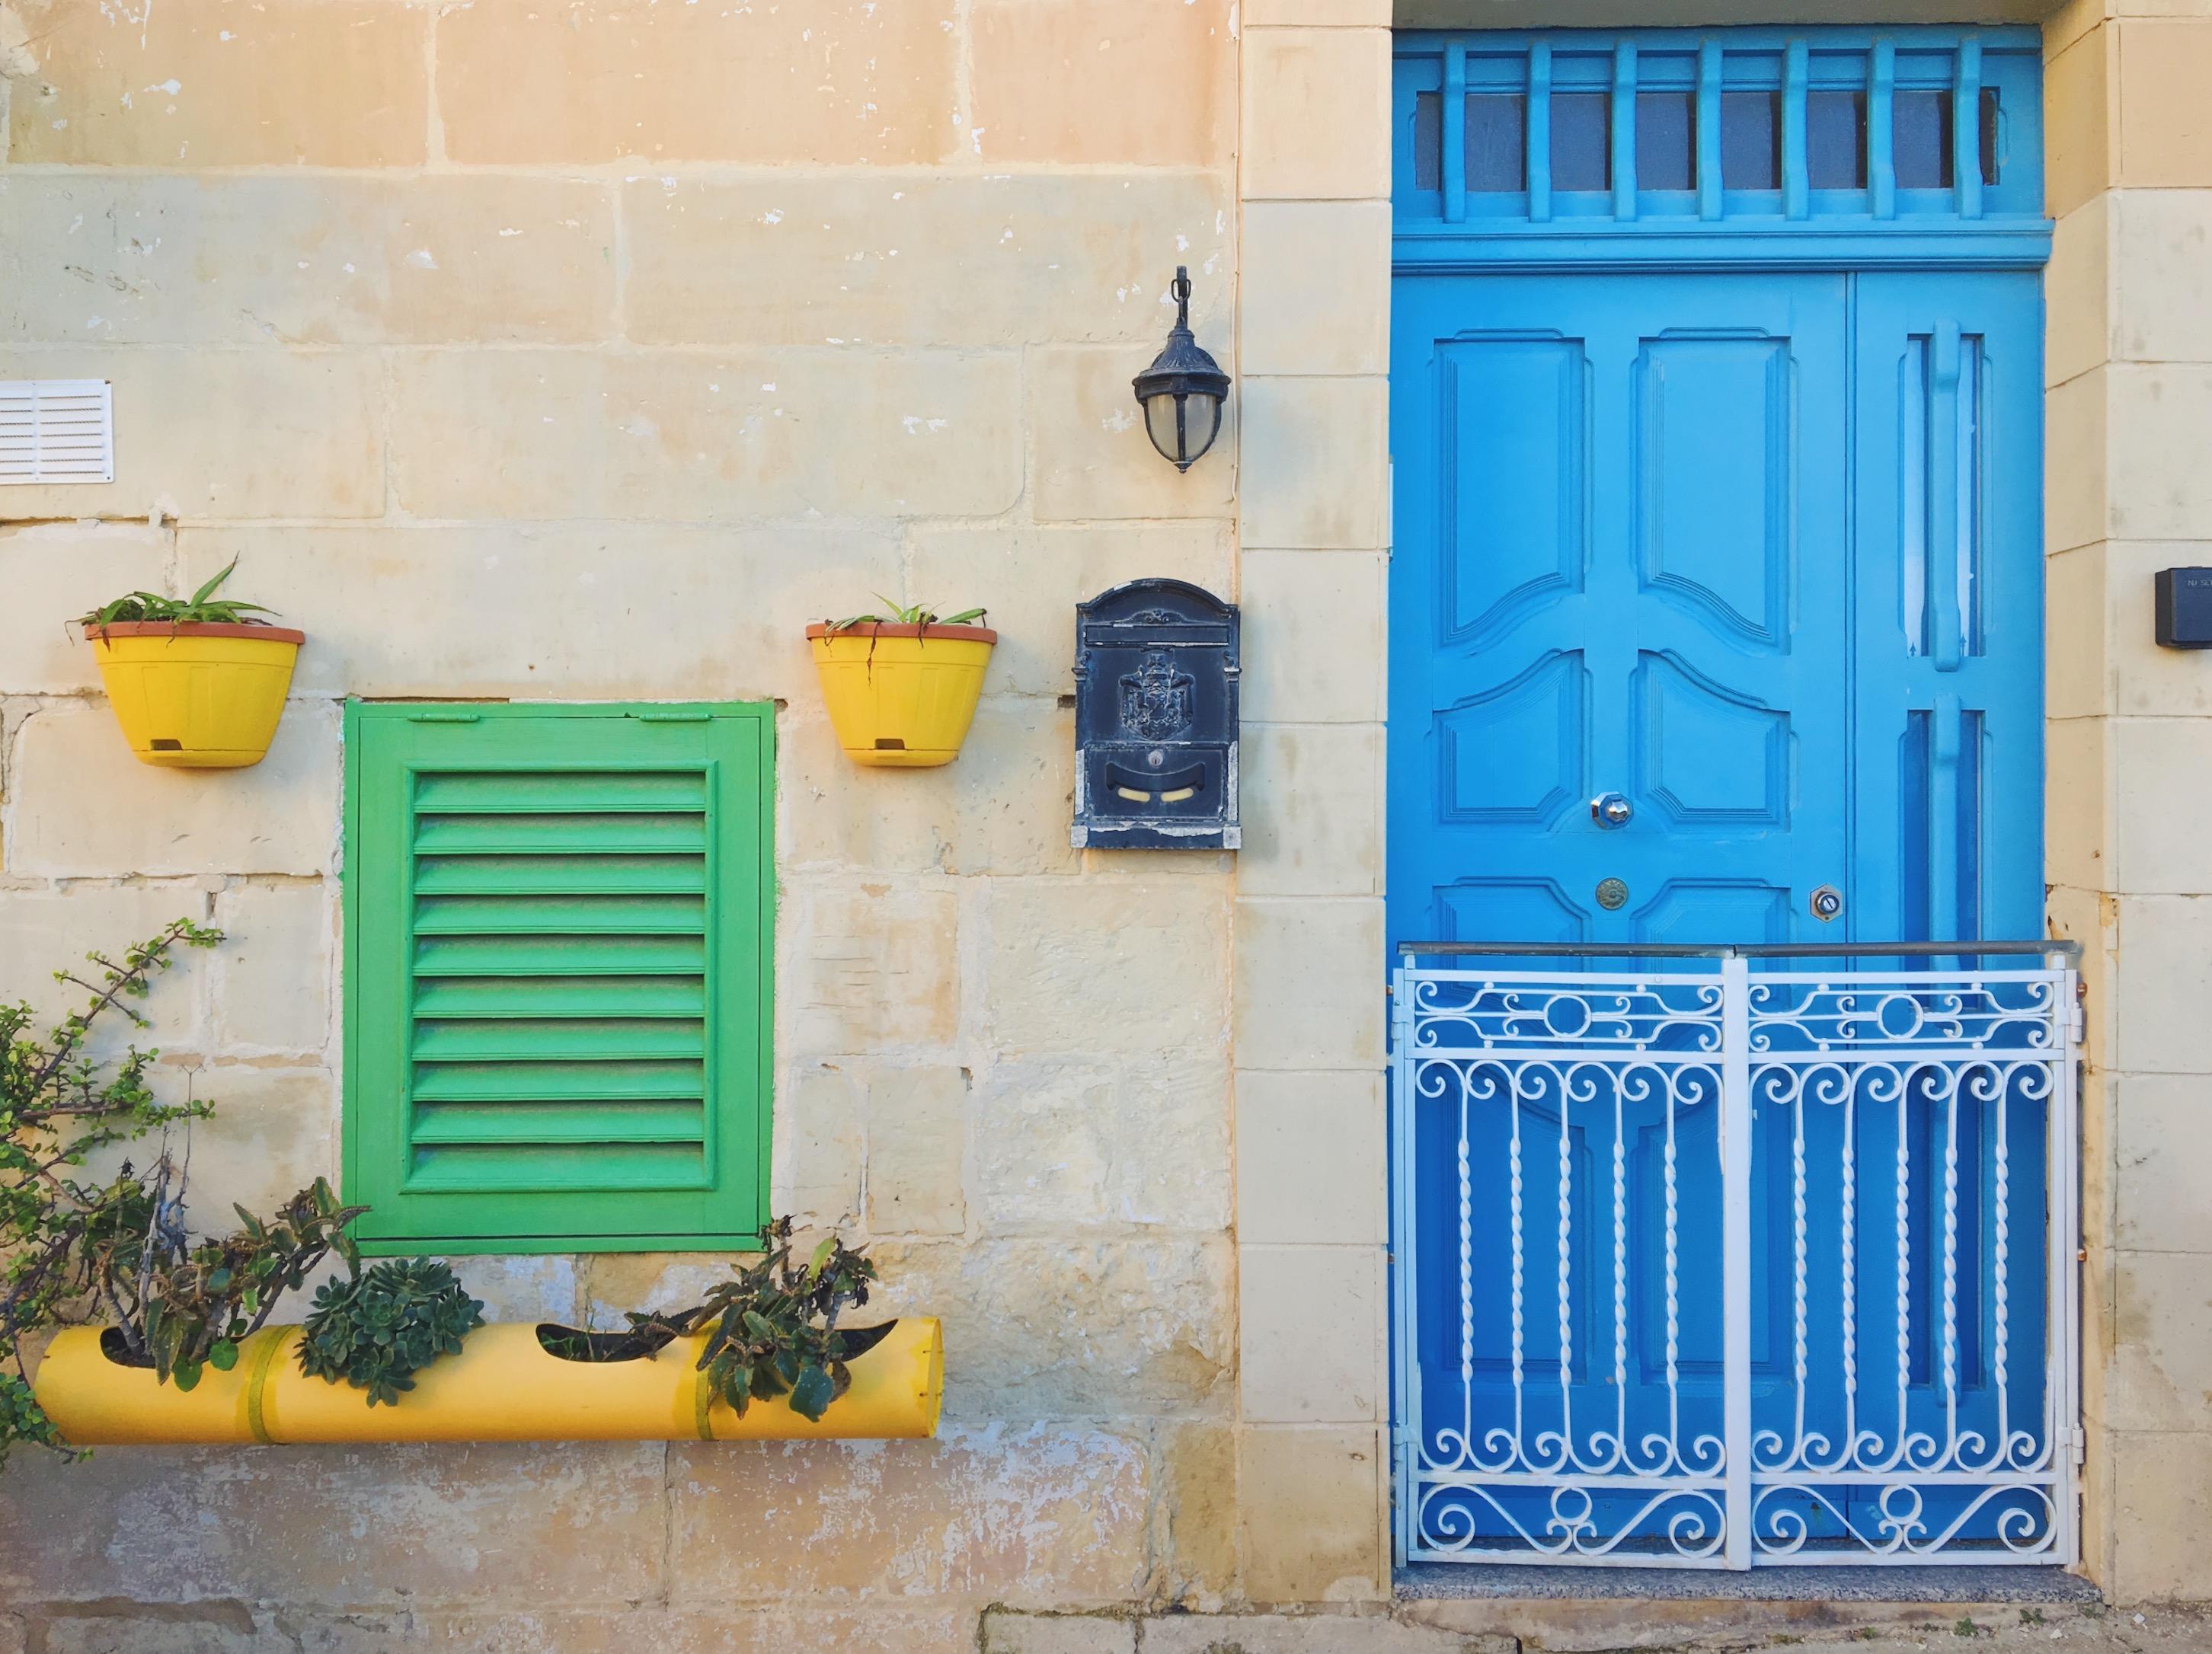 L'azzurro delle porte colorate di Malta - i vicoli di Vittoriosa